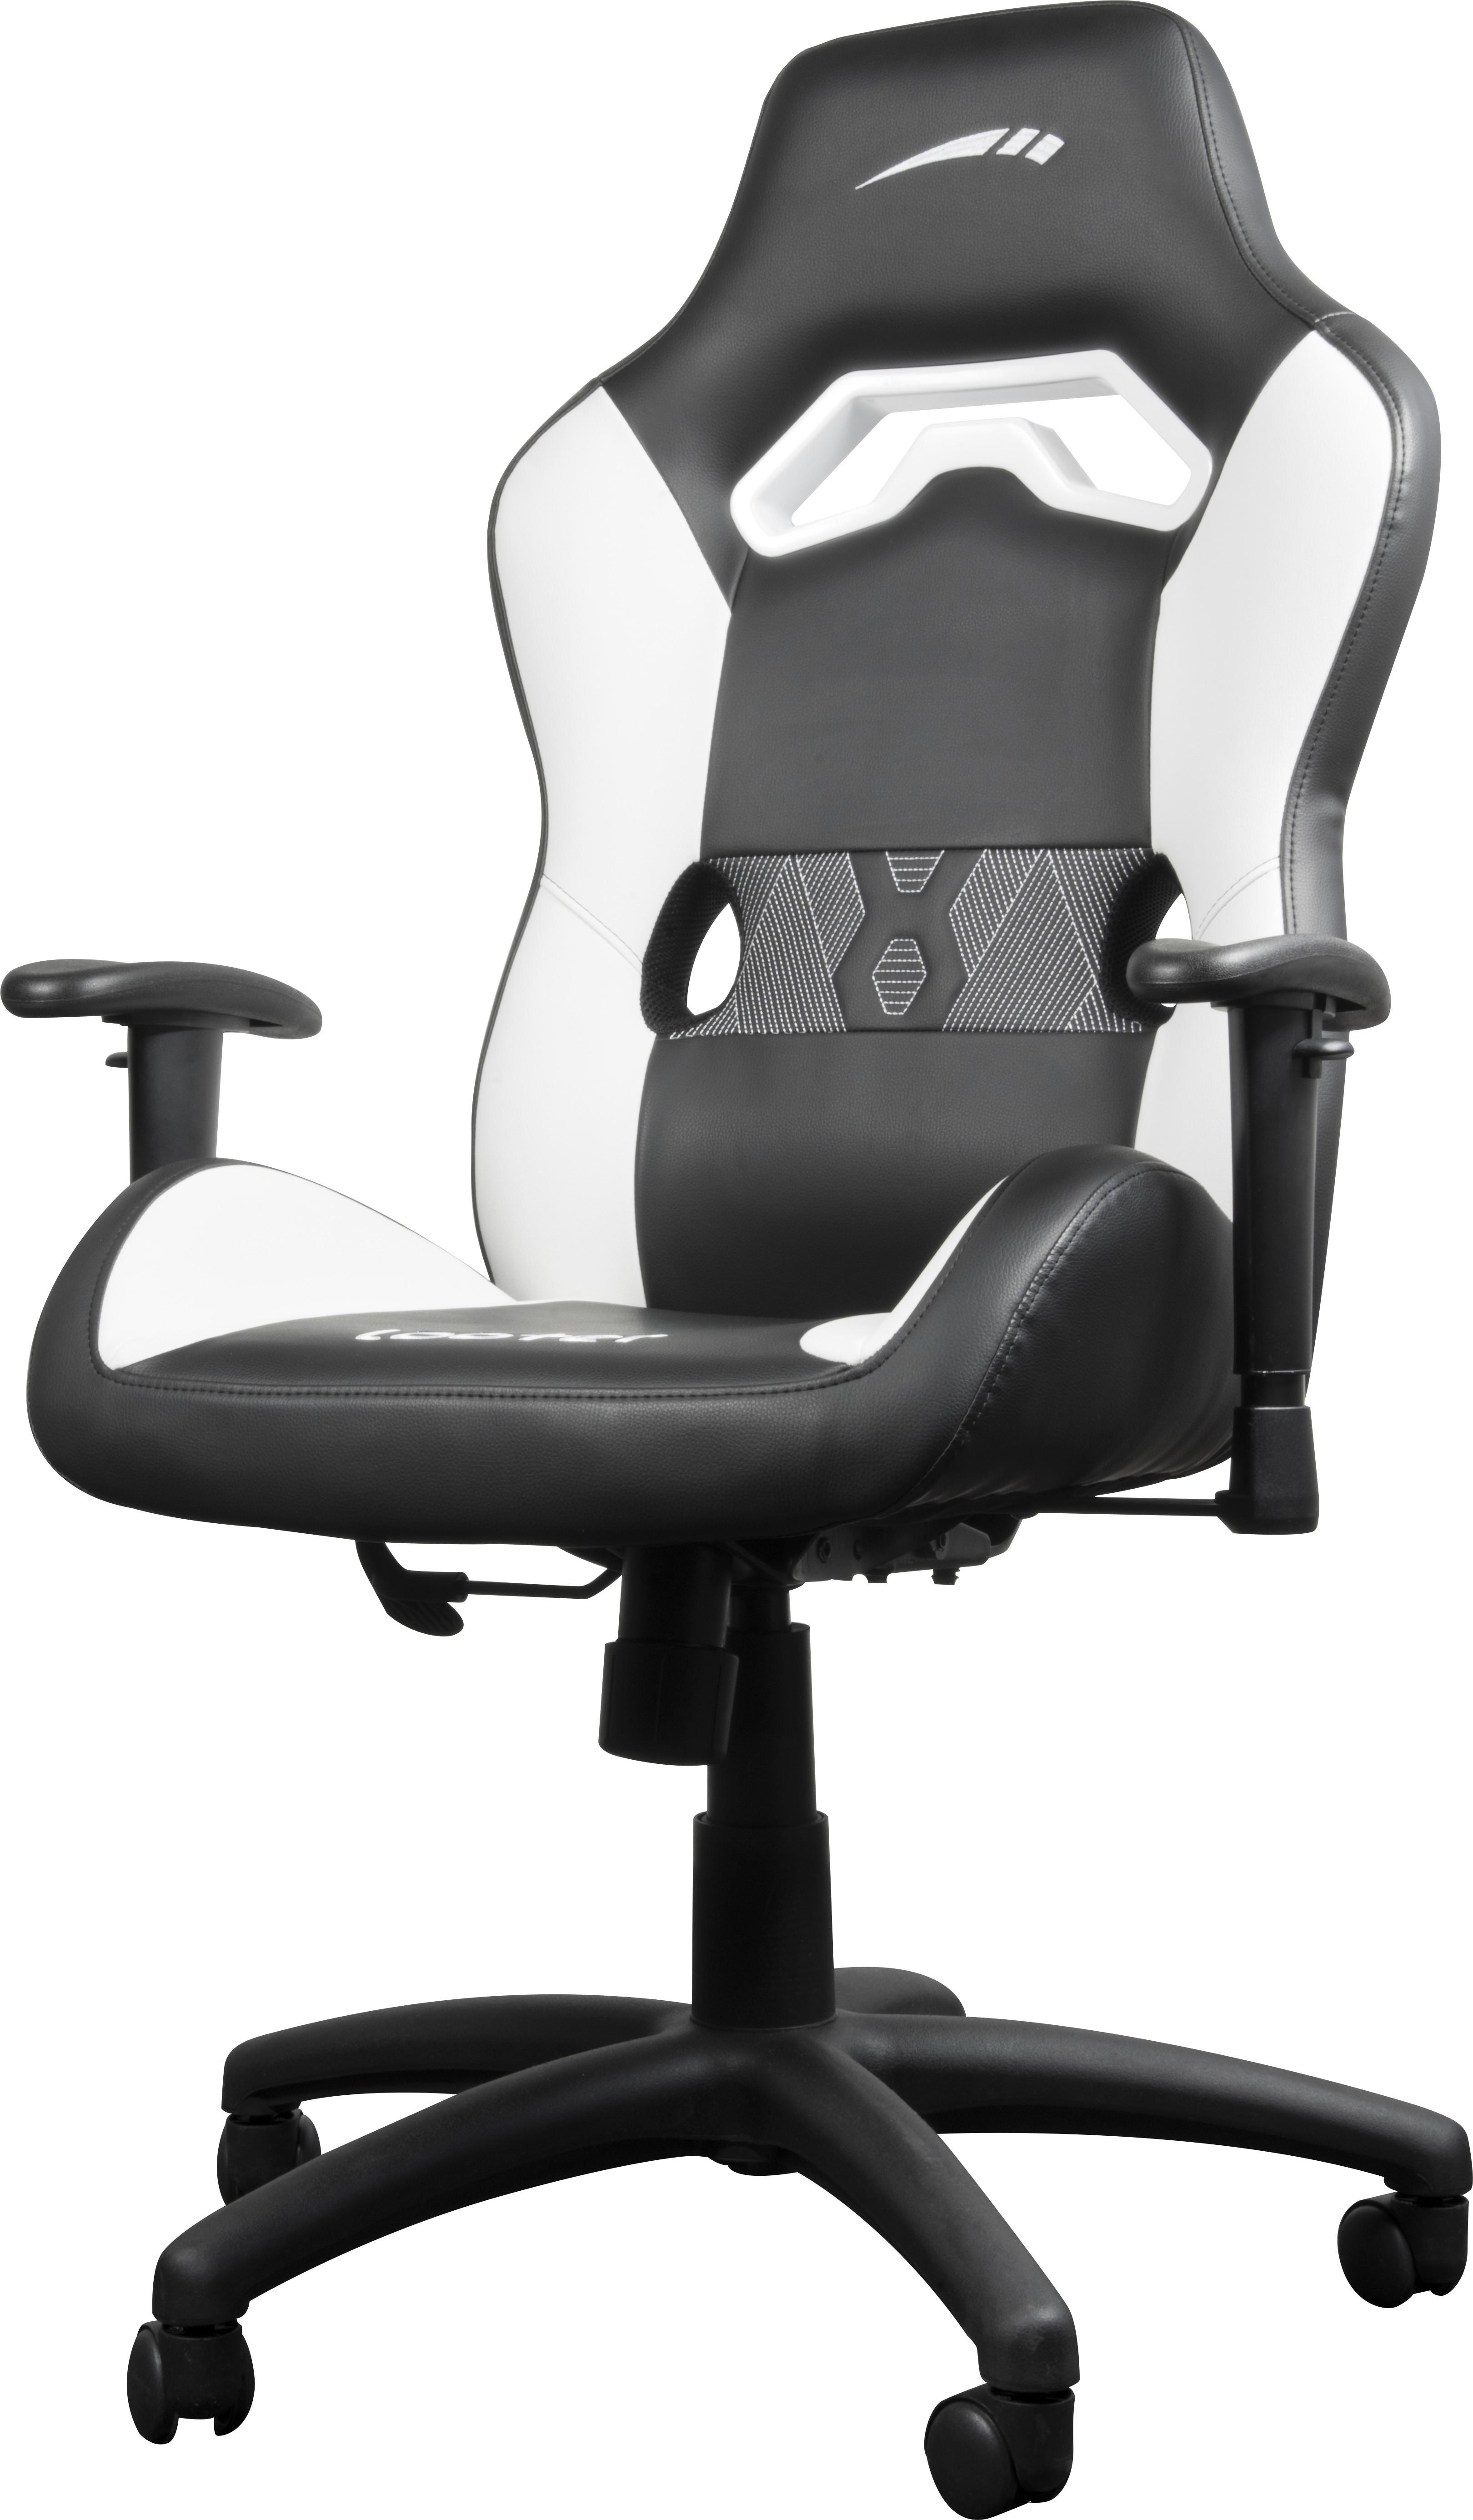 Speedlink geimeru krēsls Looter (SL-660001BKWE) 4027301504873 SL-660001-BKWE